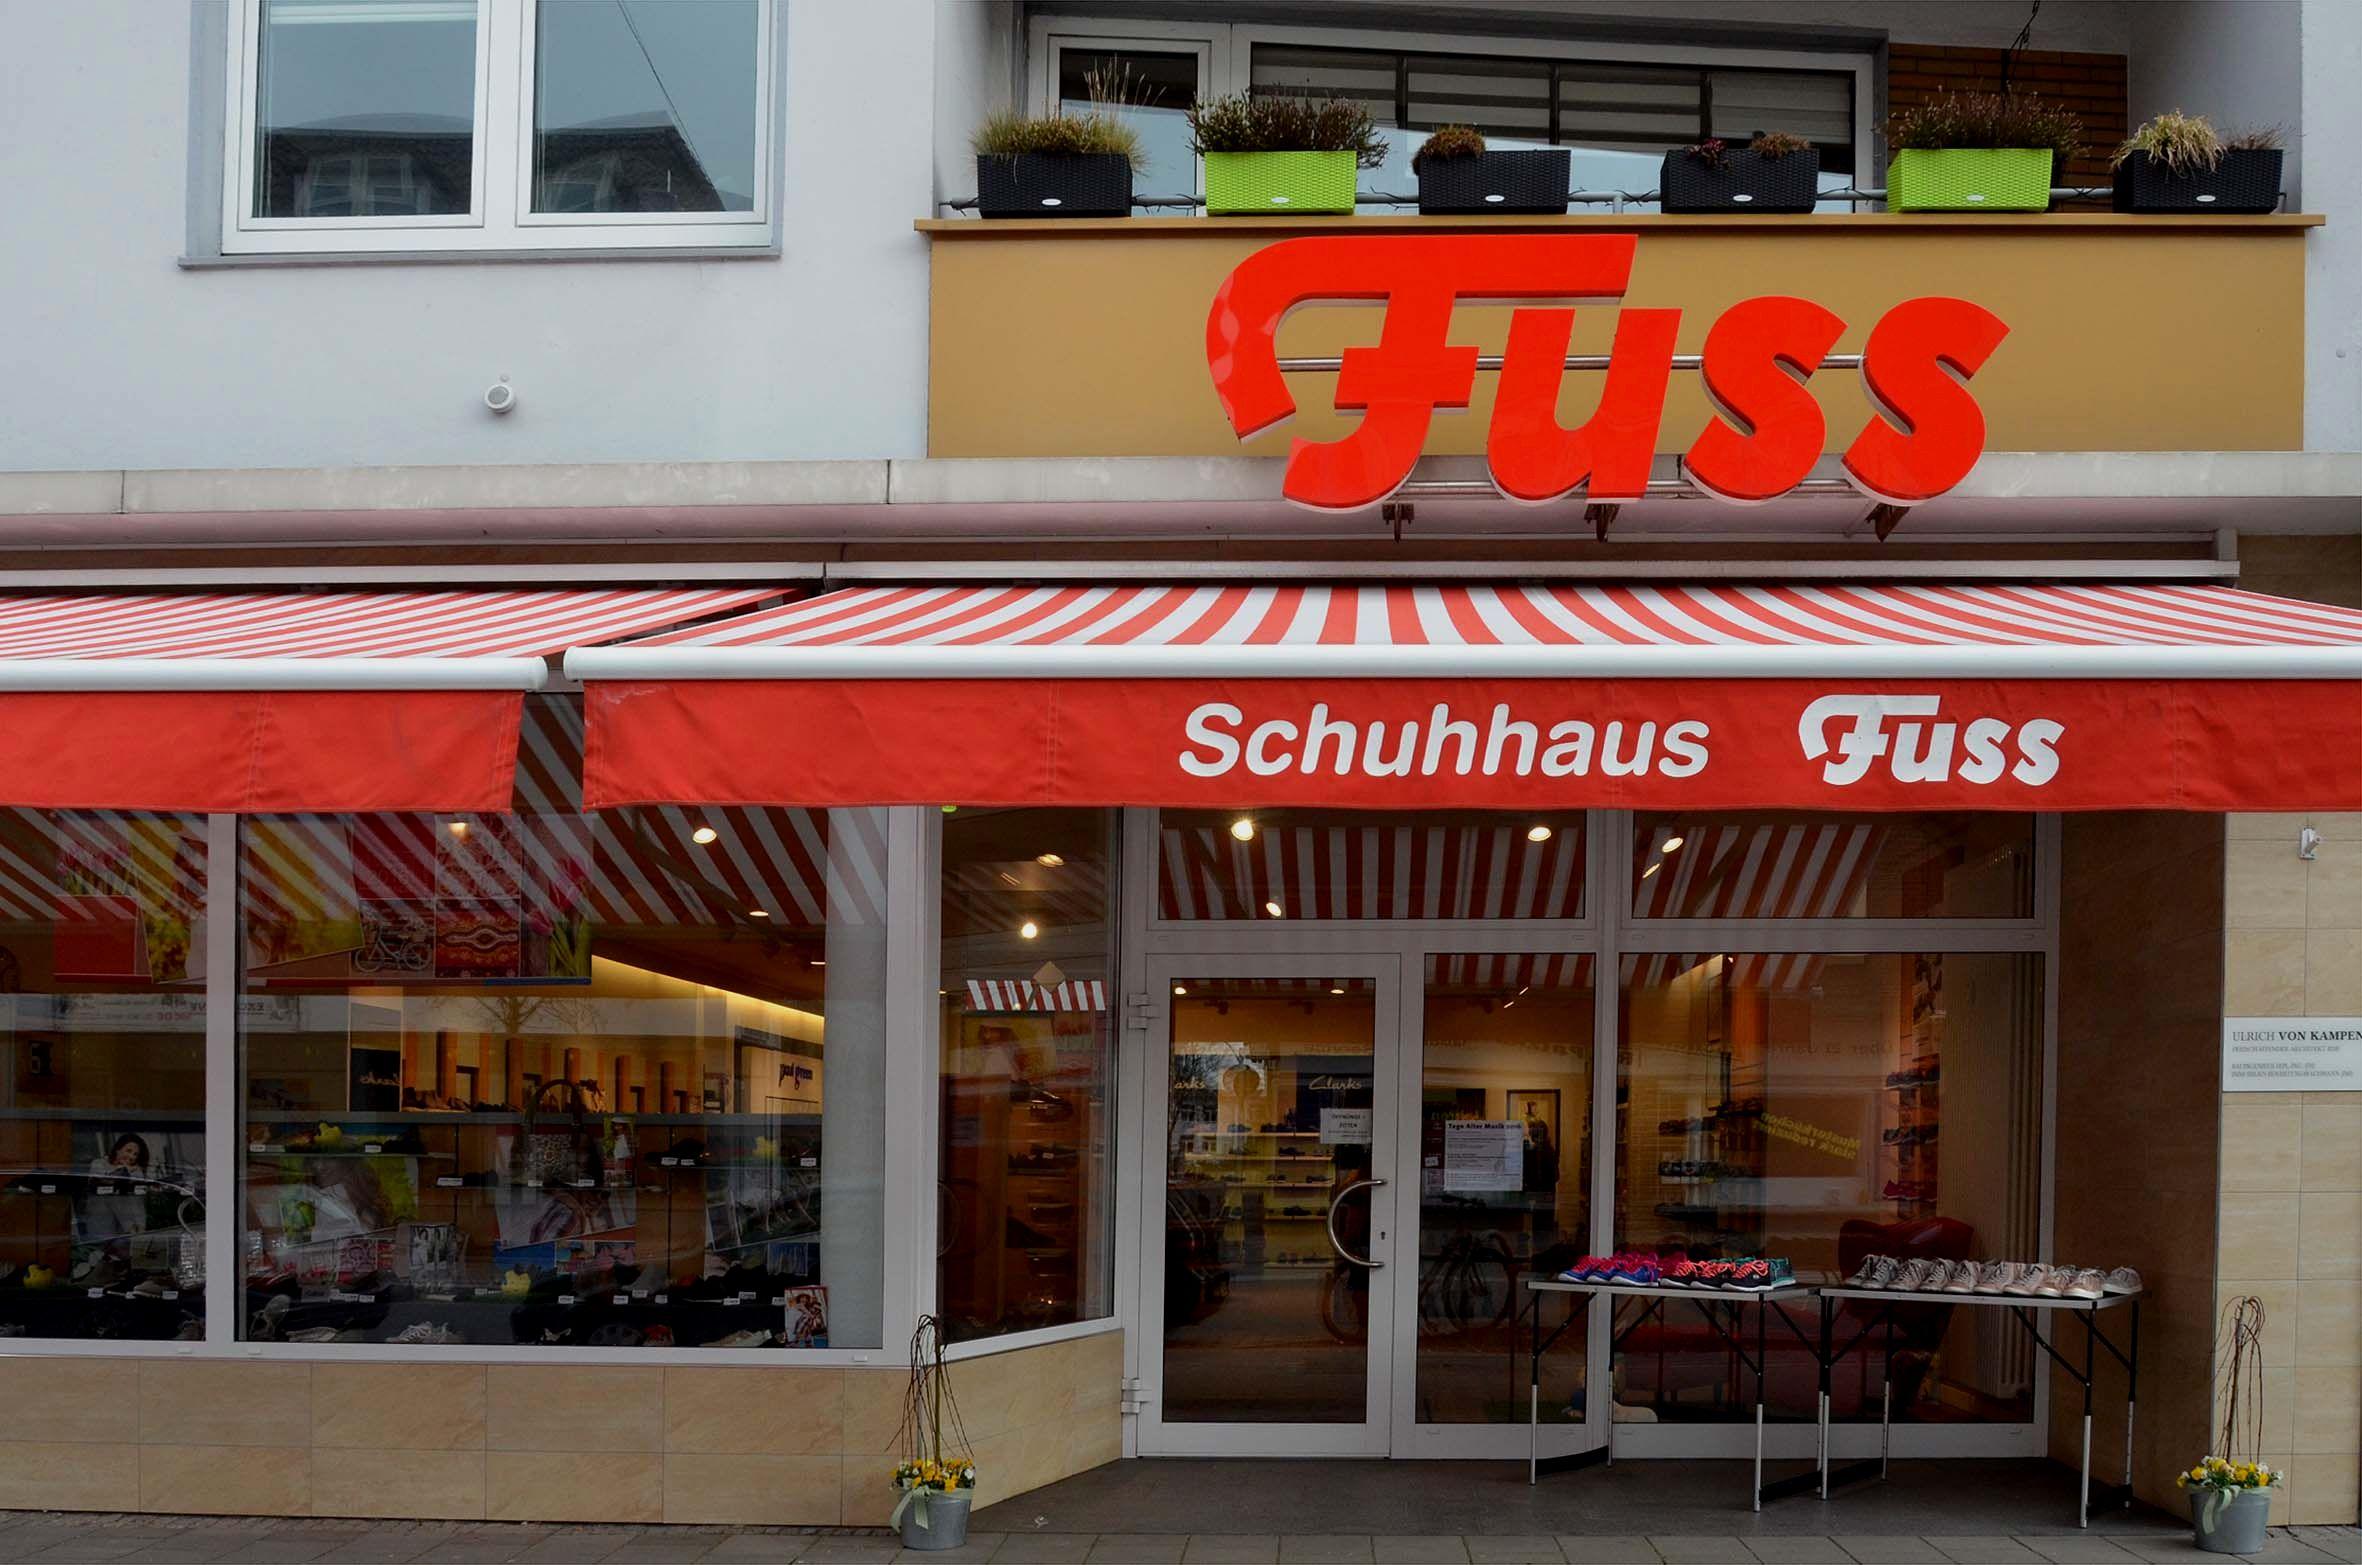 Schuhhaus Fuss